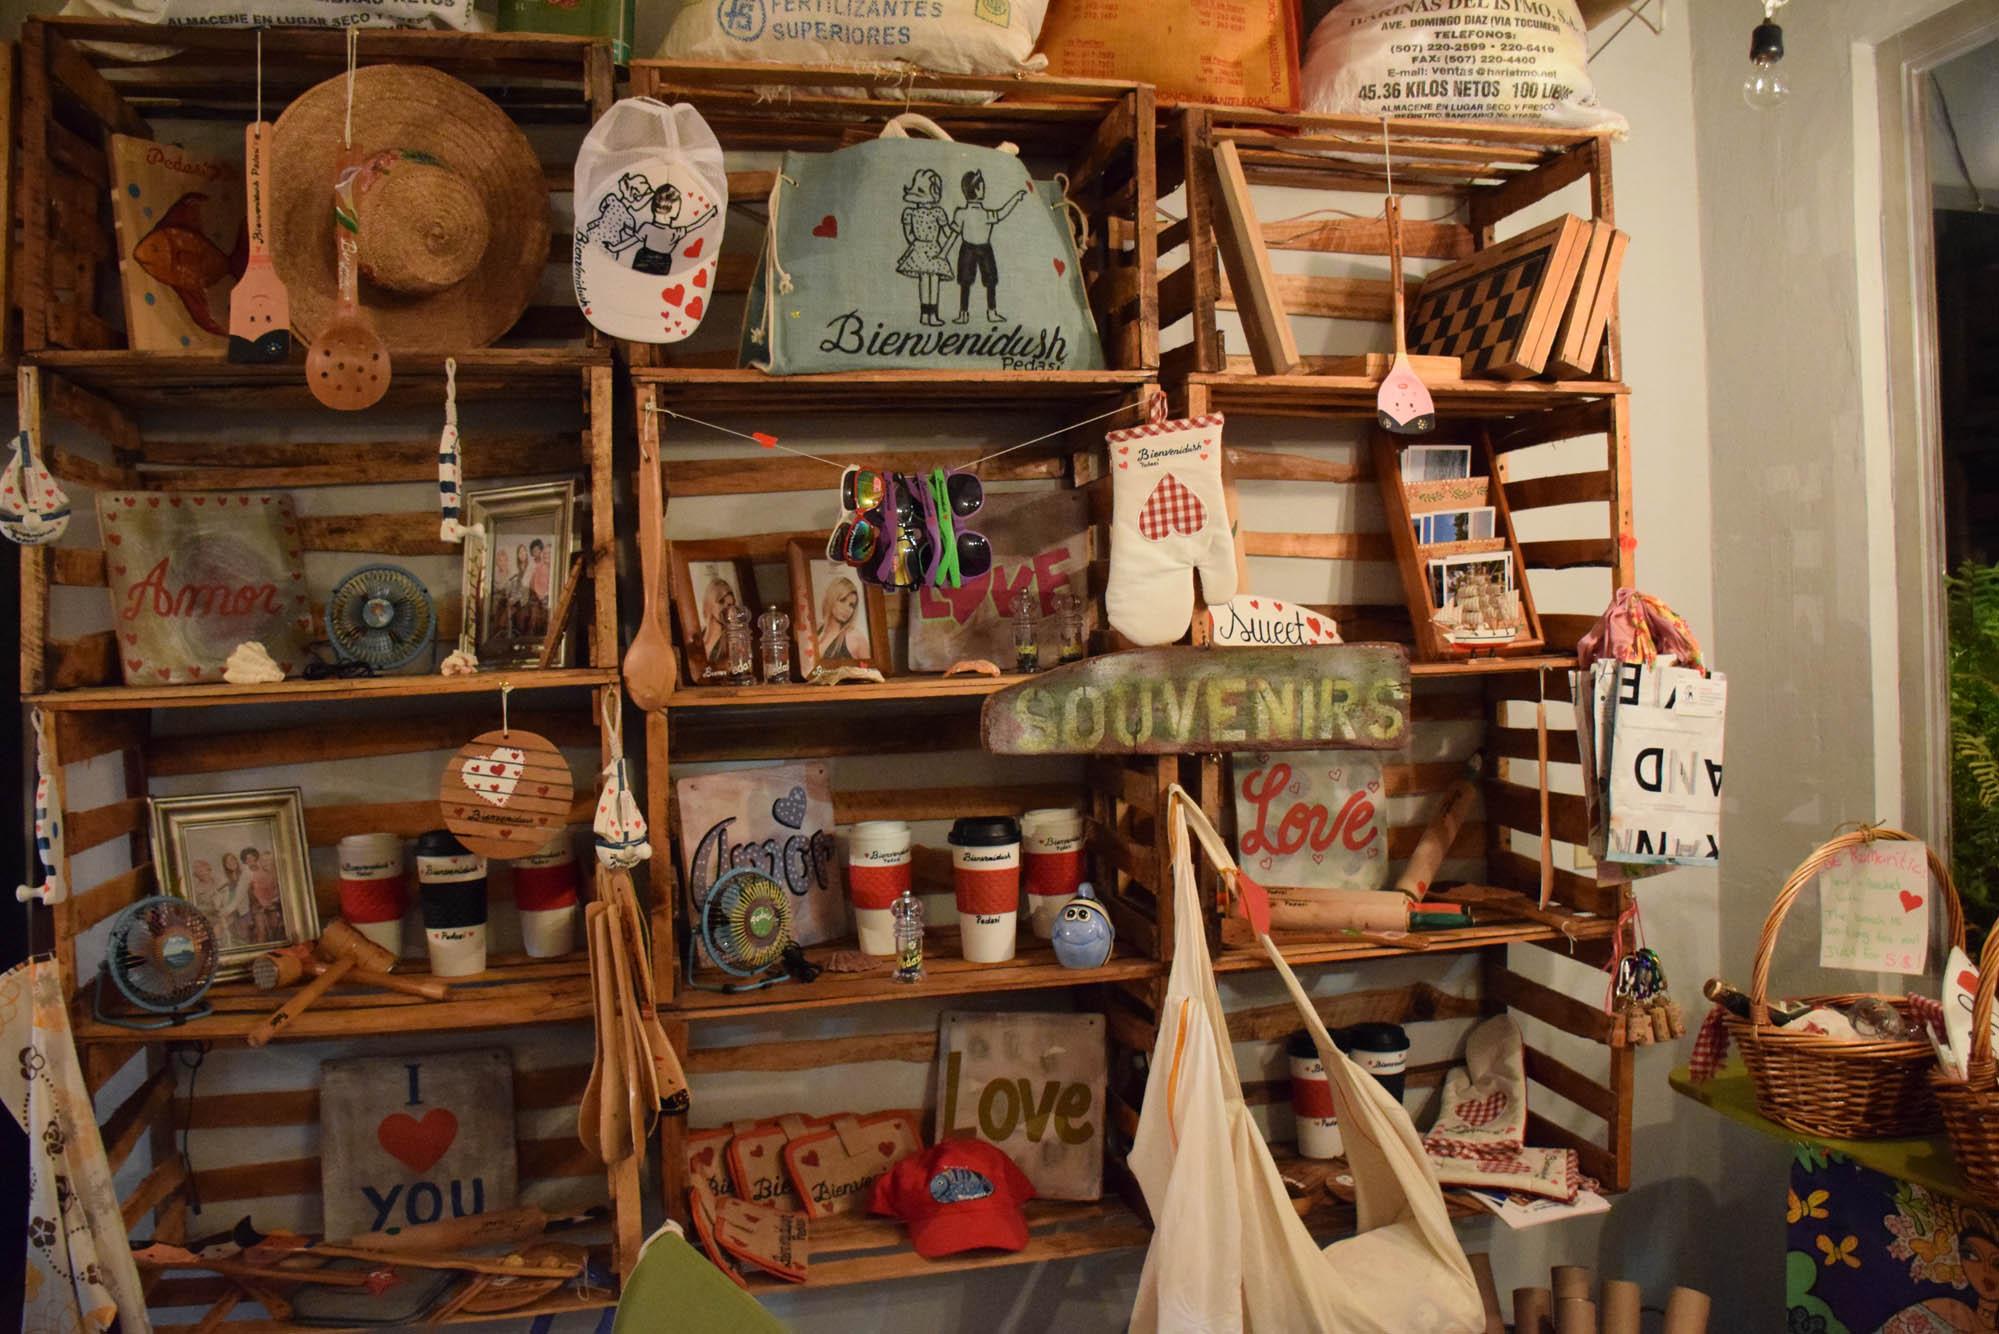 Venda de souvenirs de Pedasí no Bar e Restaurante Bienvenidush